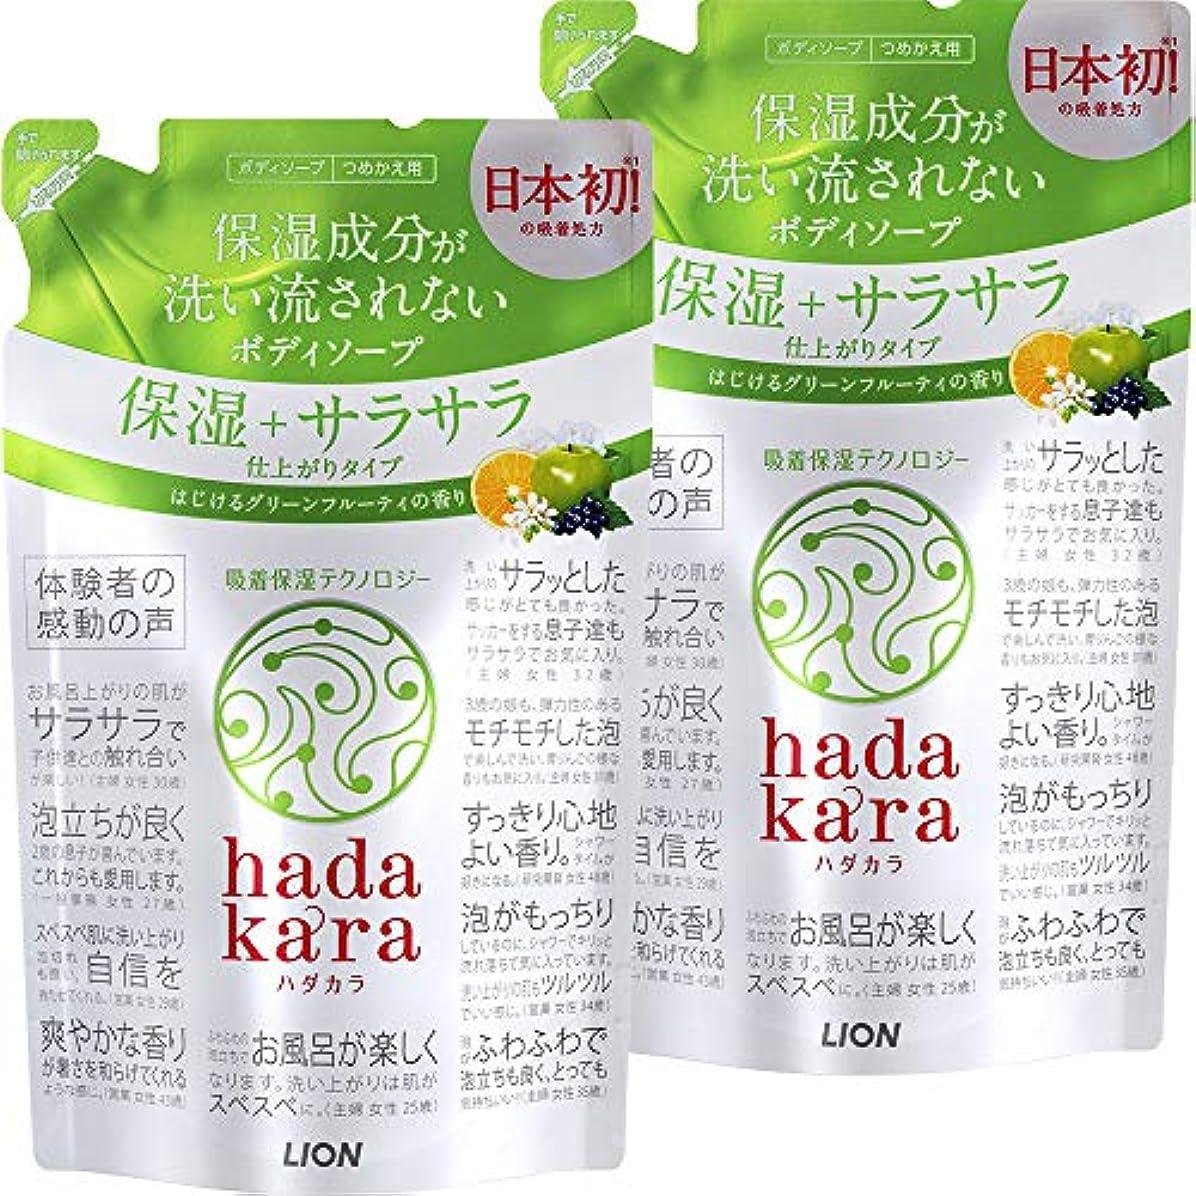 きょうだい恥ずかしい是正する【まとめ買い】hadakara(ハダカラ) ボディソープ 保湿+サラサラ仕上がりタイプ グリーンフルーティの香り 詰め替え 340ml×2個パック